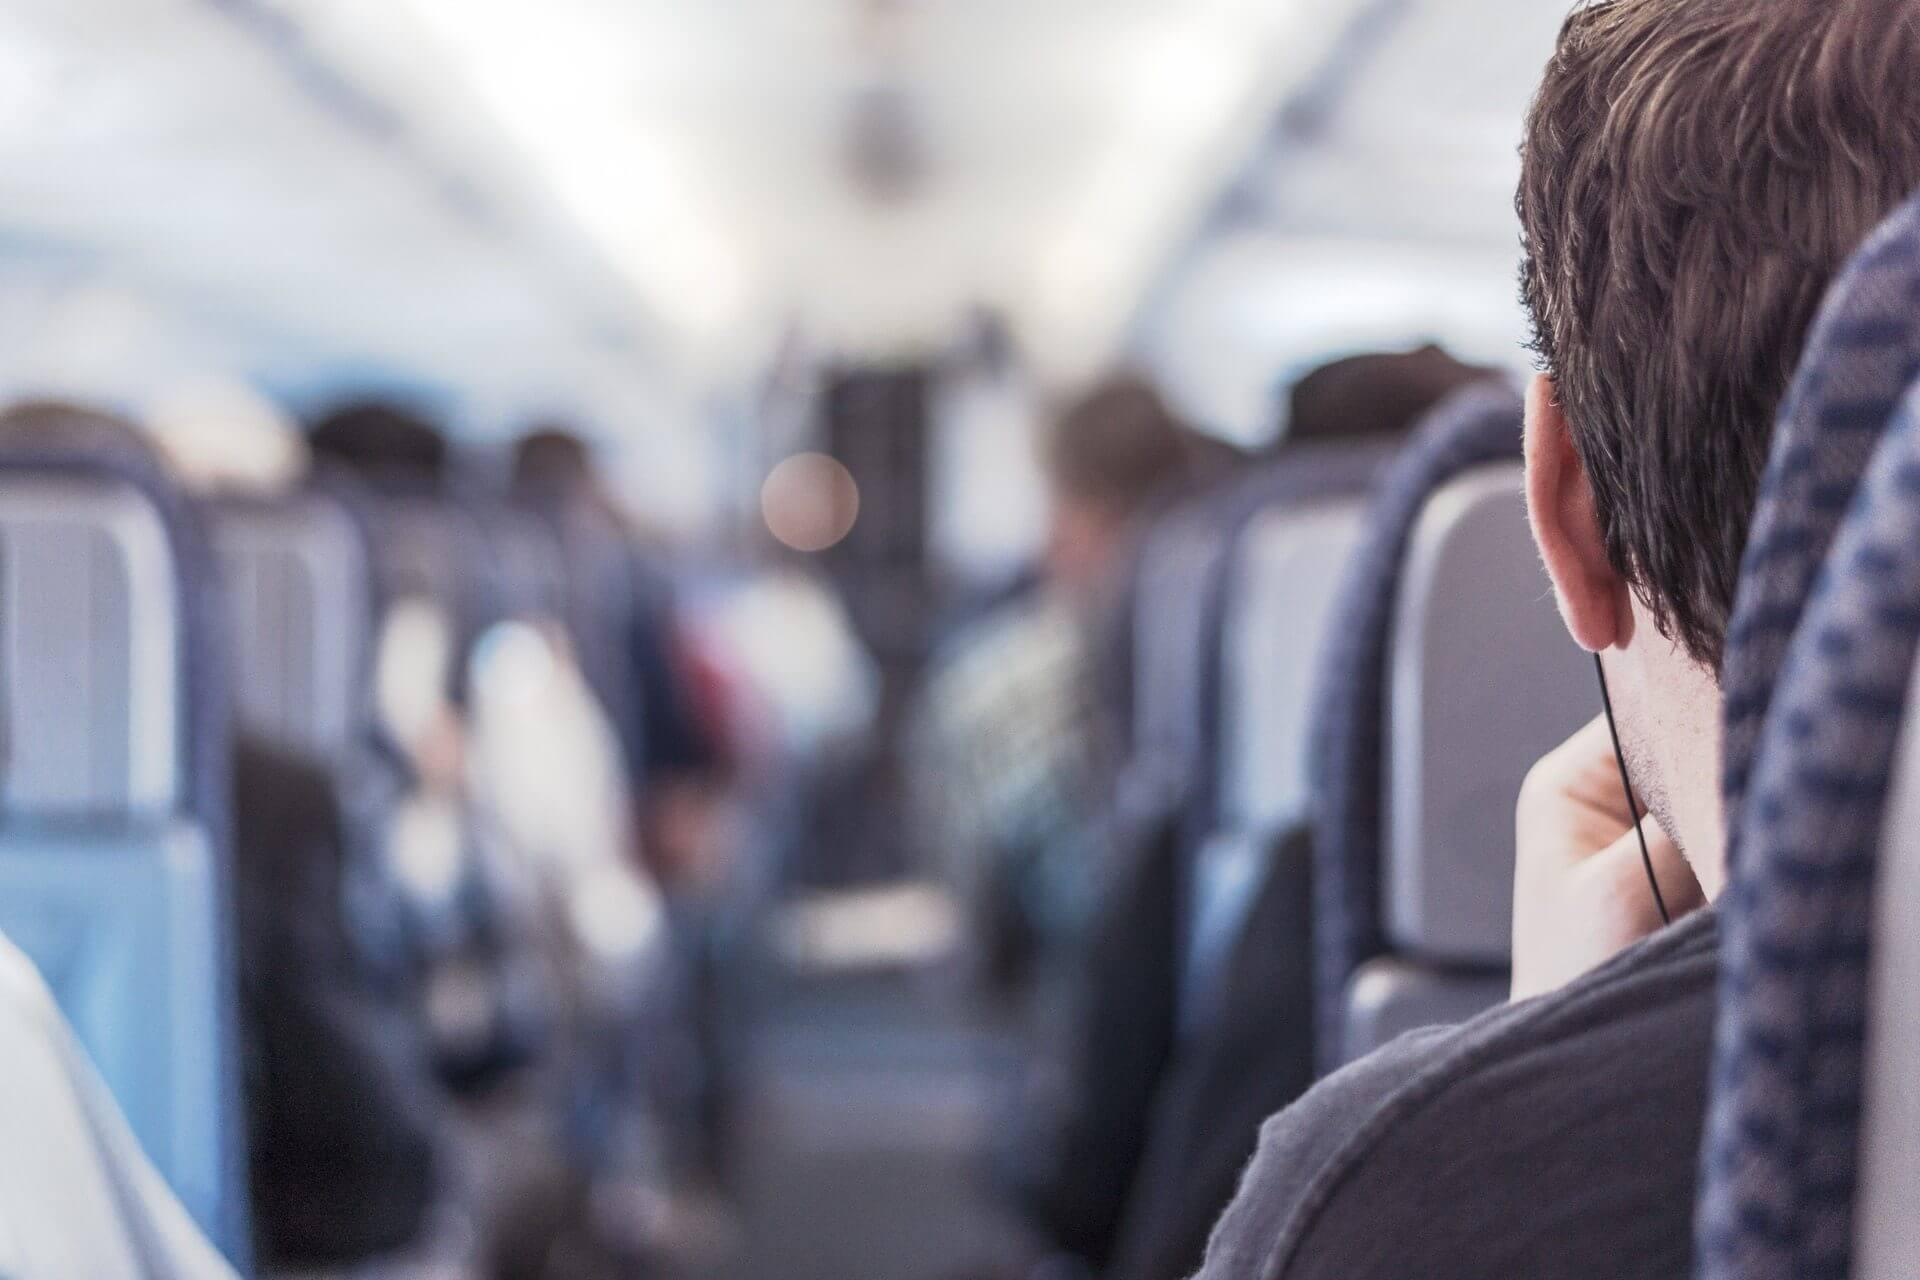 Errores de viajeros más comunes: hacer muchas escalas para ahorrar dinero.